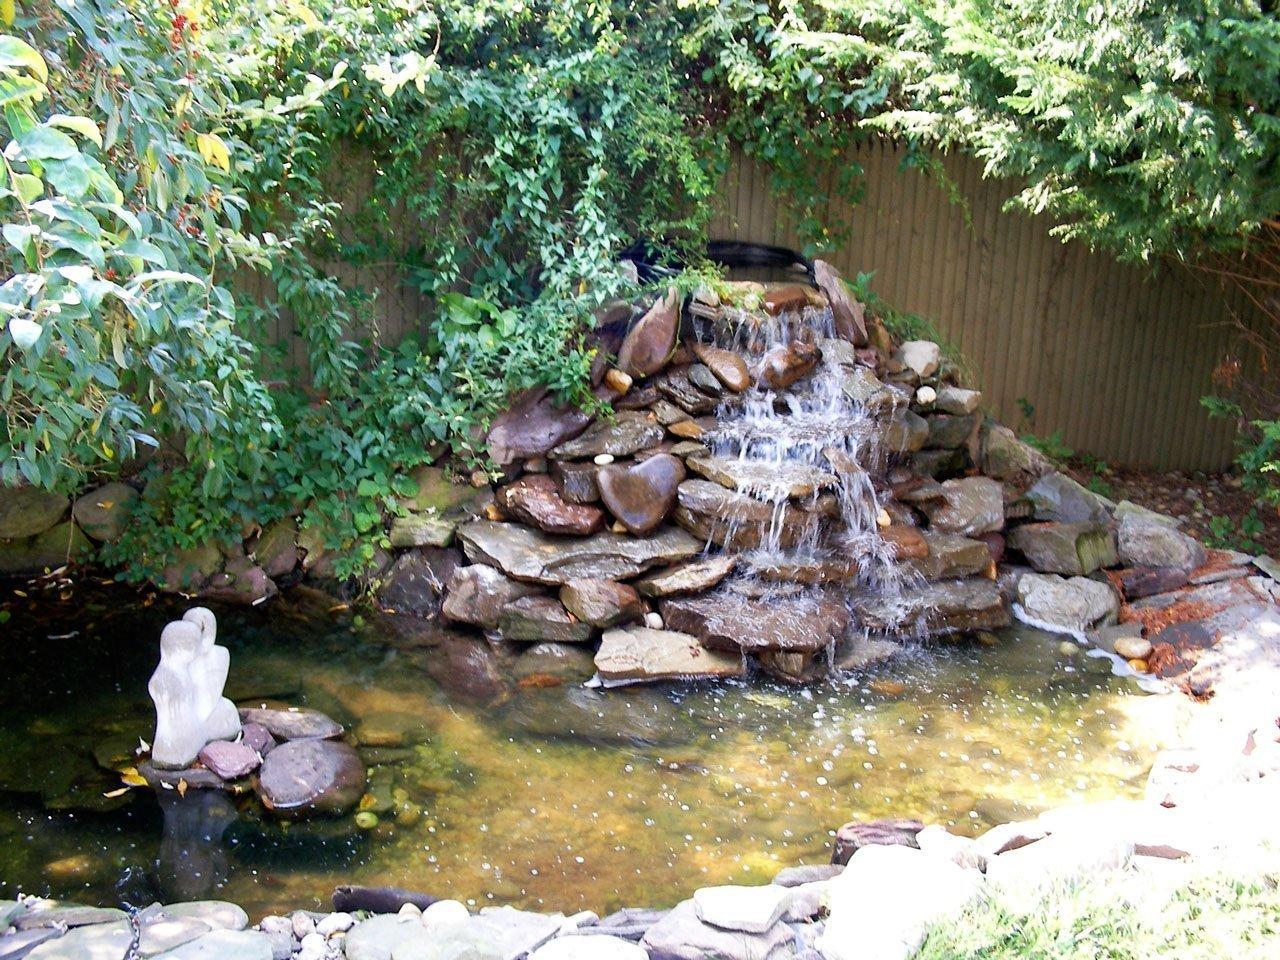 водопады на садовом участке в картинках заключаются